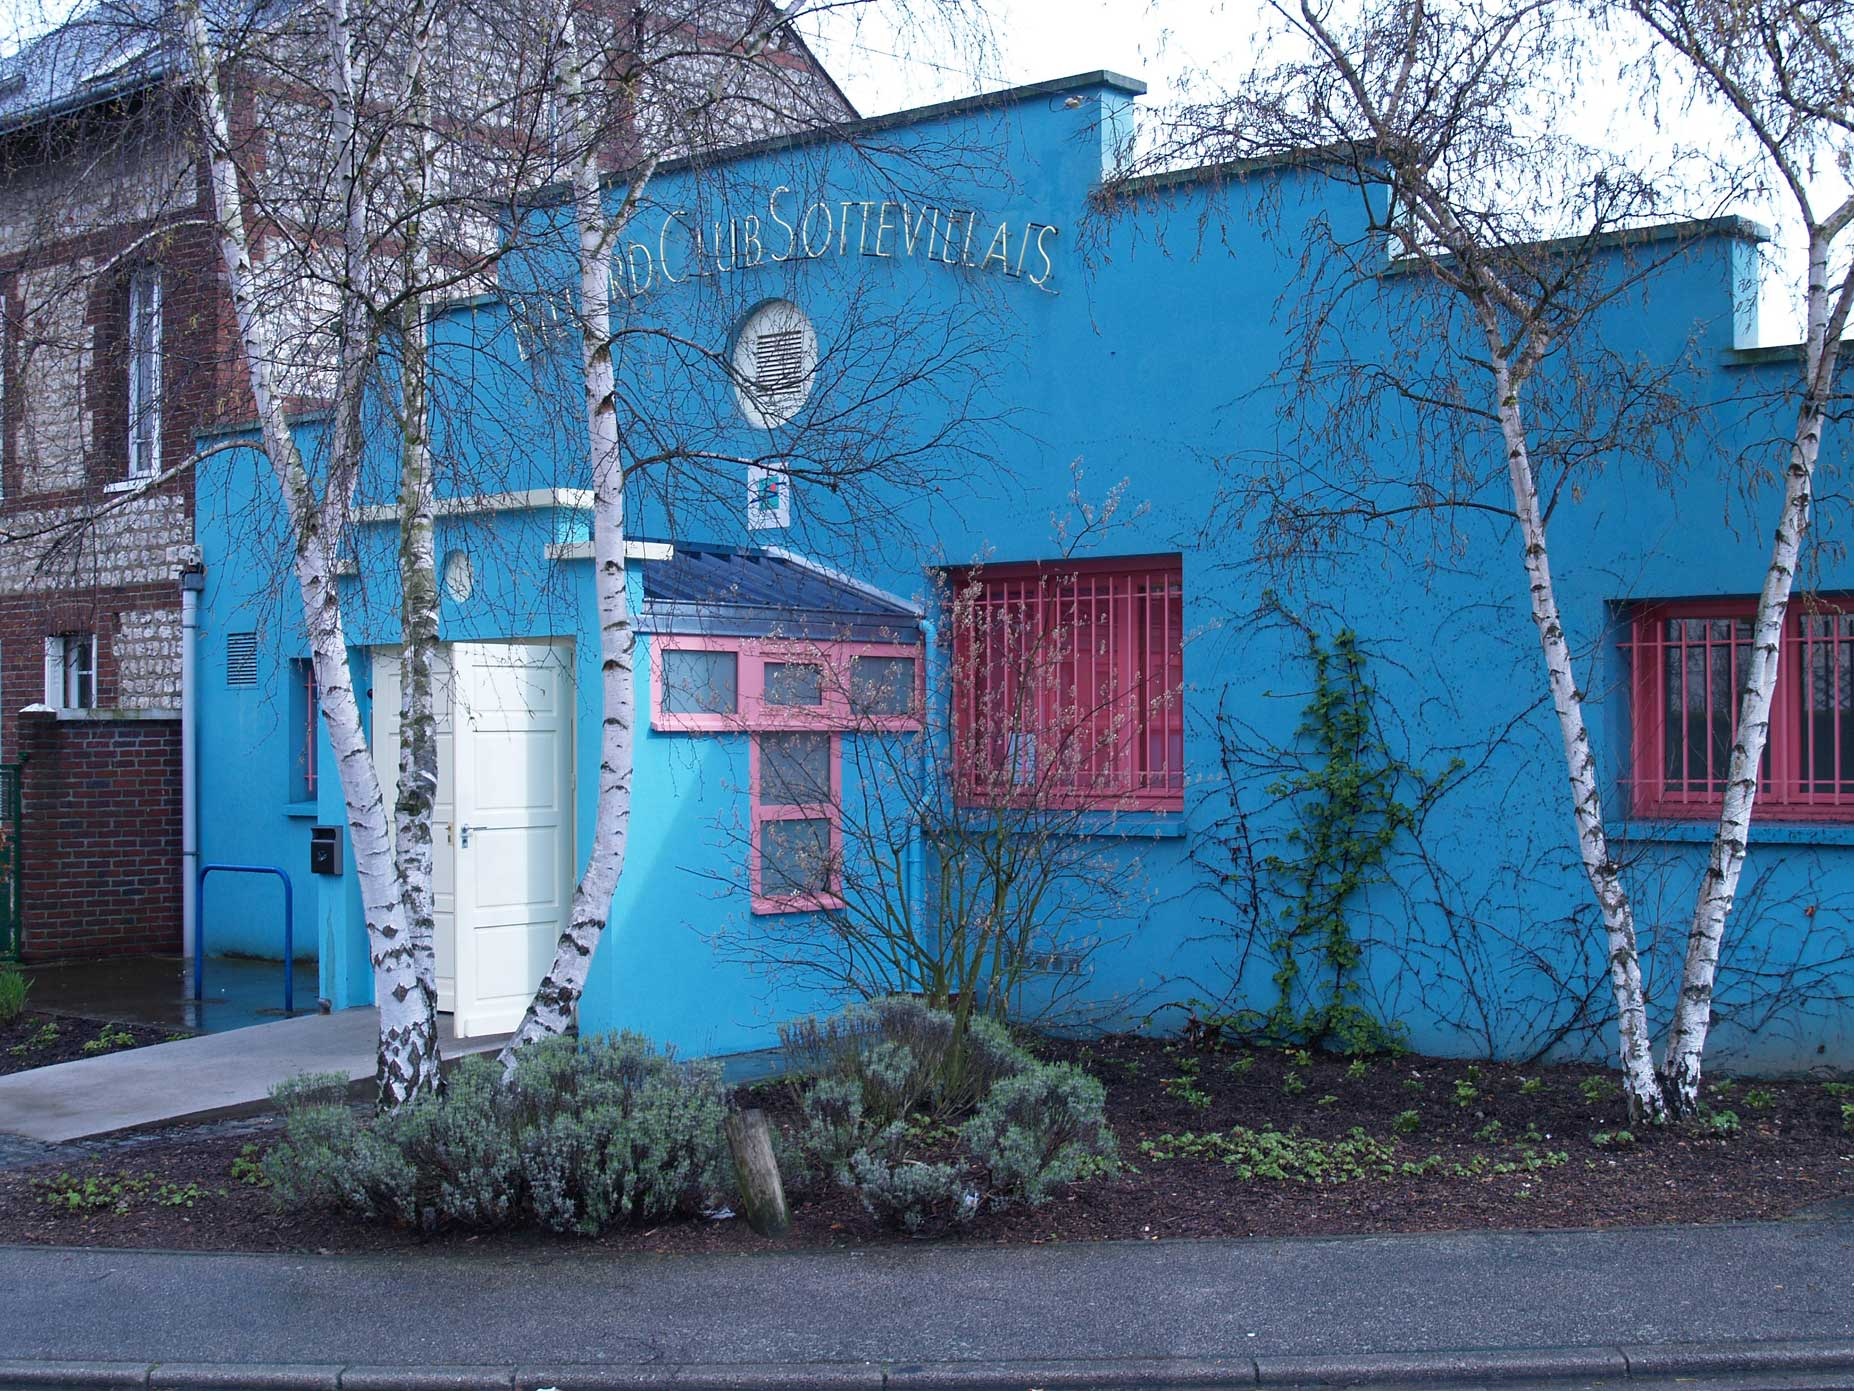 Le Billard Club Sottevillais a trouvé place dans une ancienne chemiserie en 1993